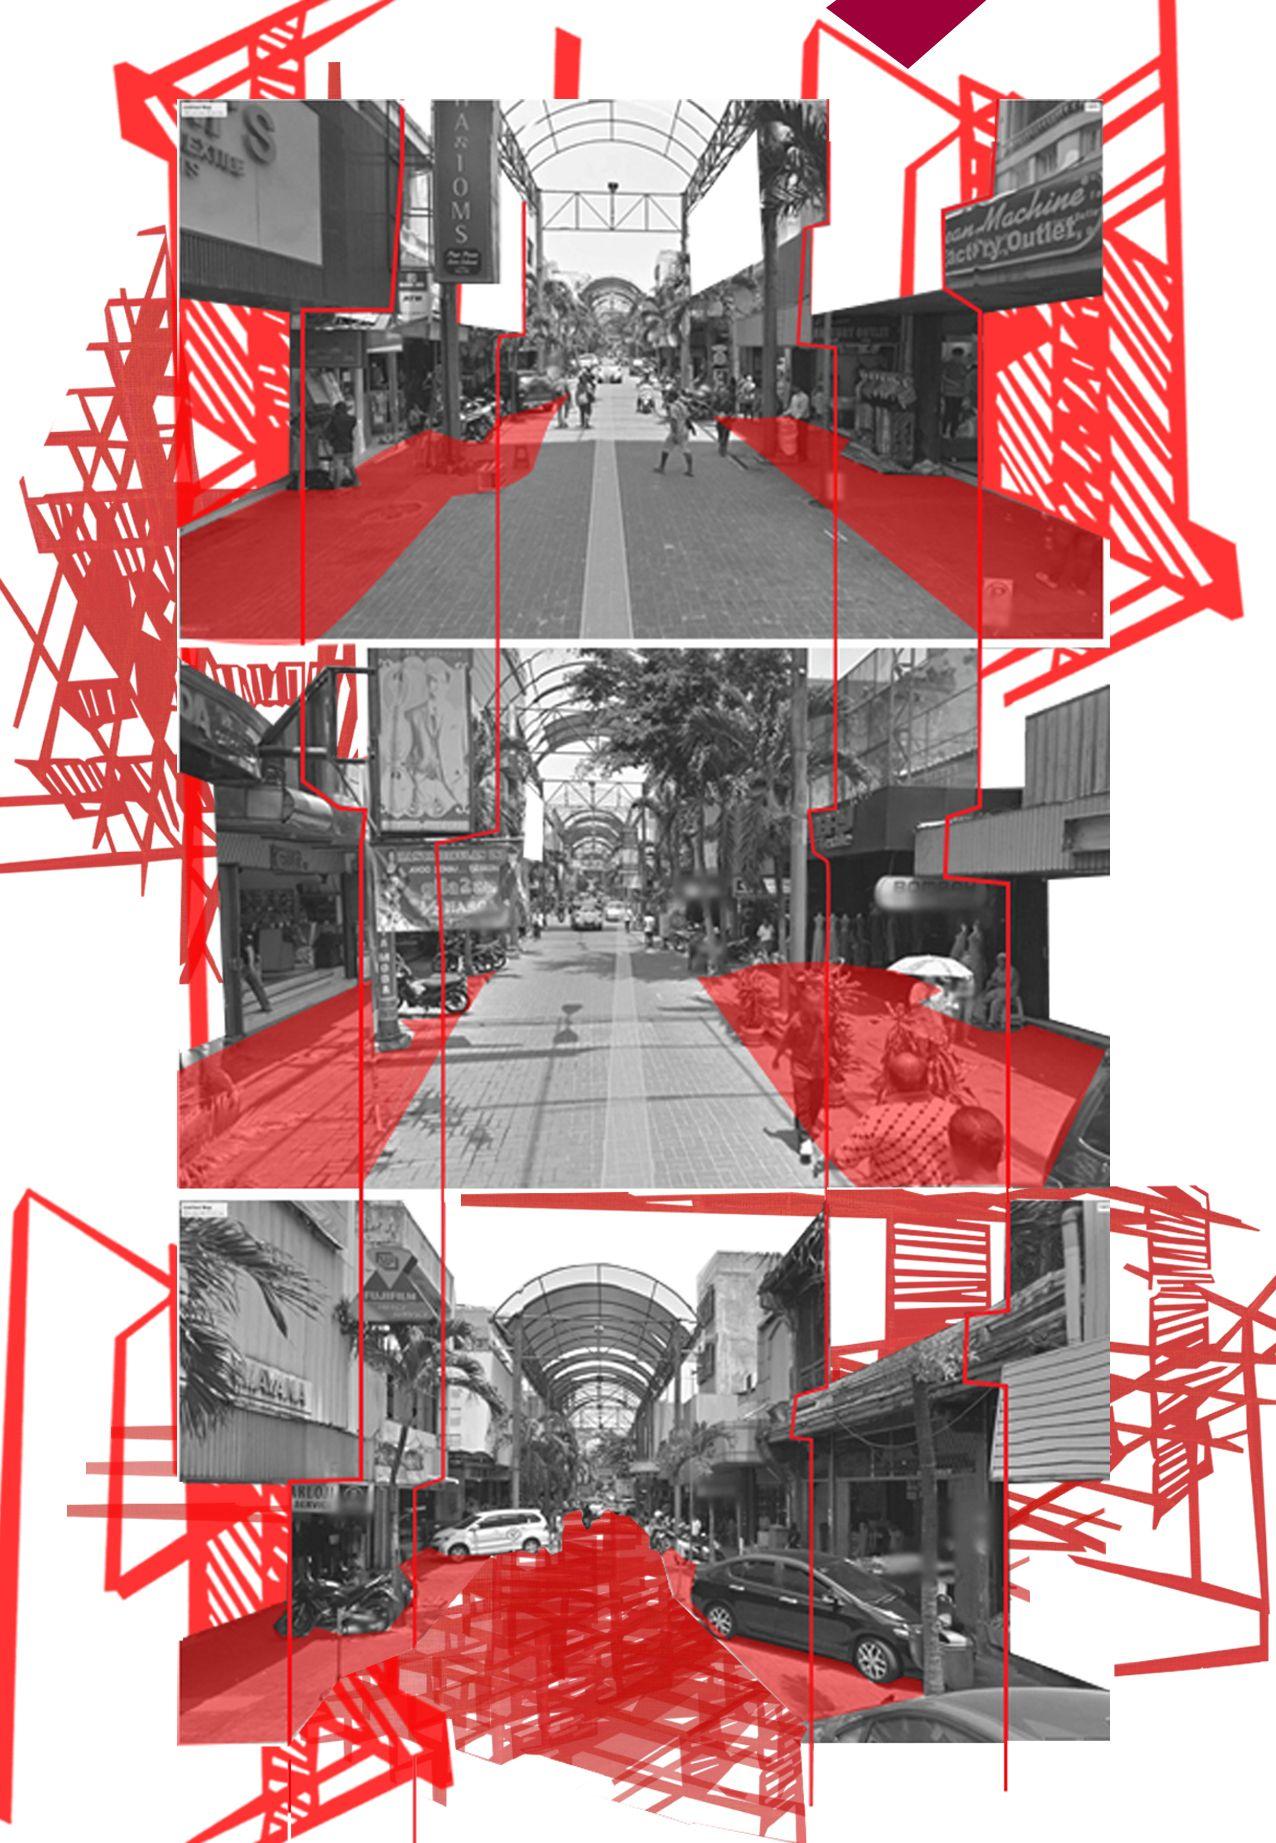 morphology adaptation for pasar baru architecture diagram. Black Bedroom Furniture Sets. Home Design Ideas